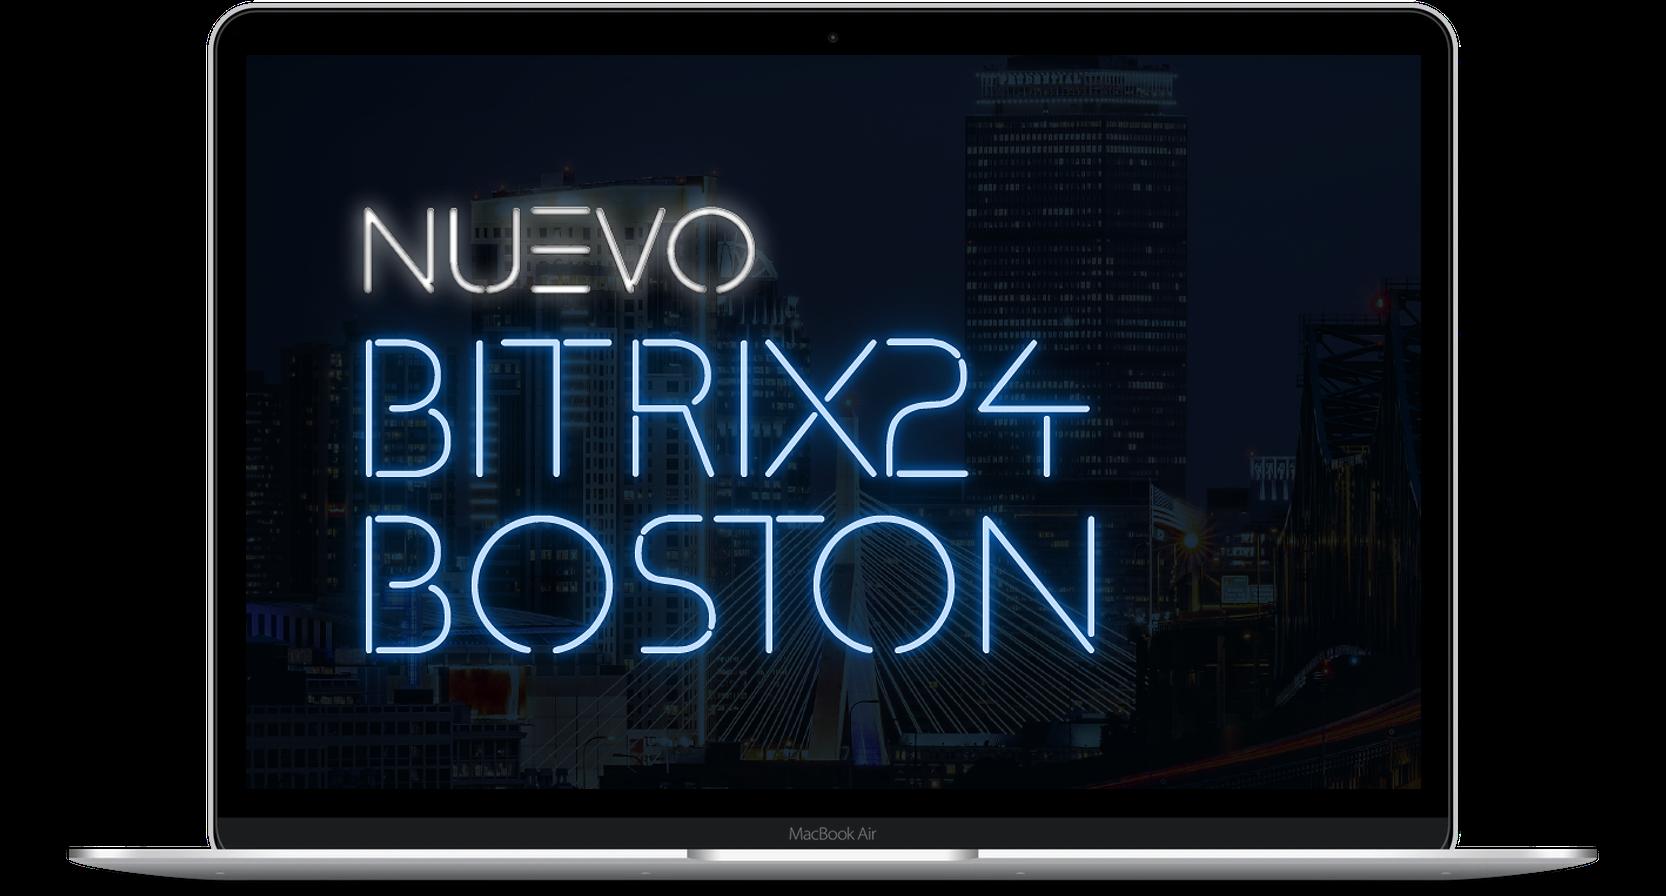 Nuevo Bitrix24 Boston, Presentación 2019